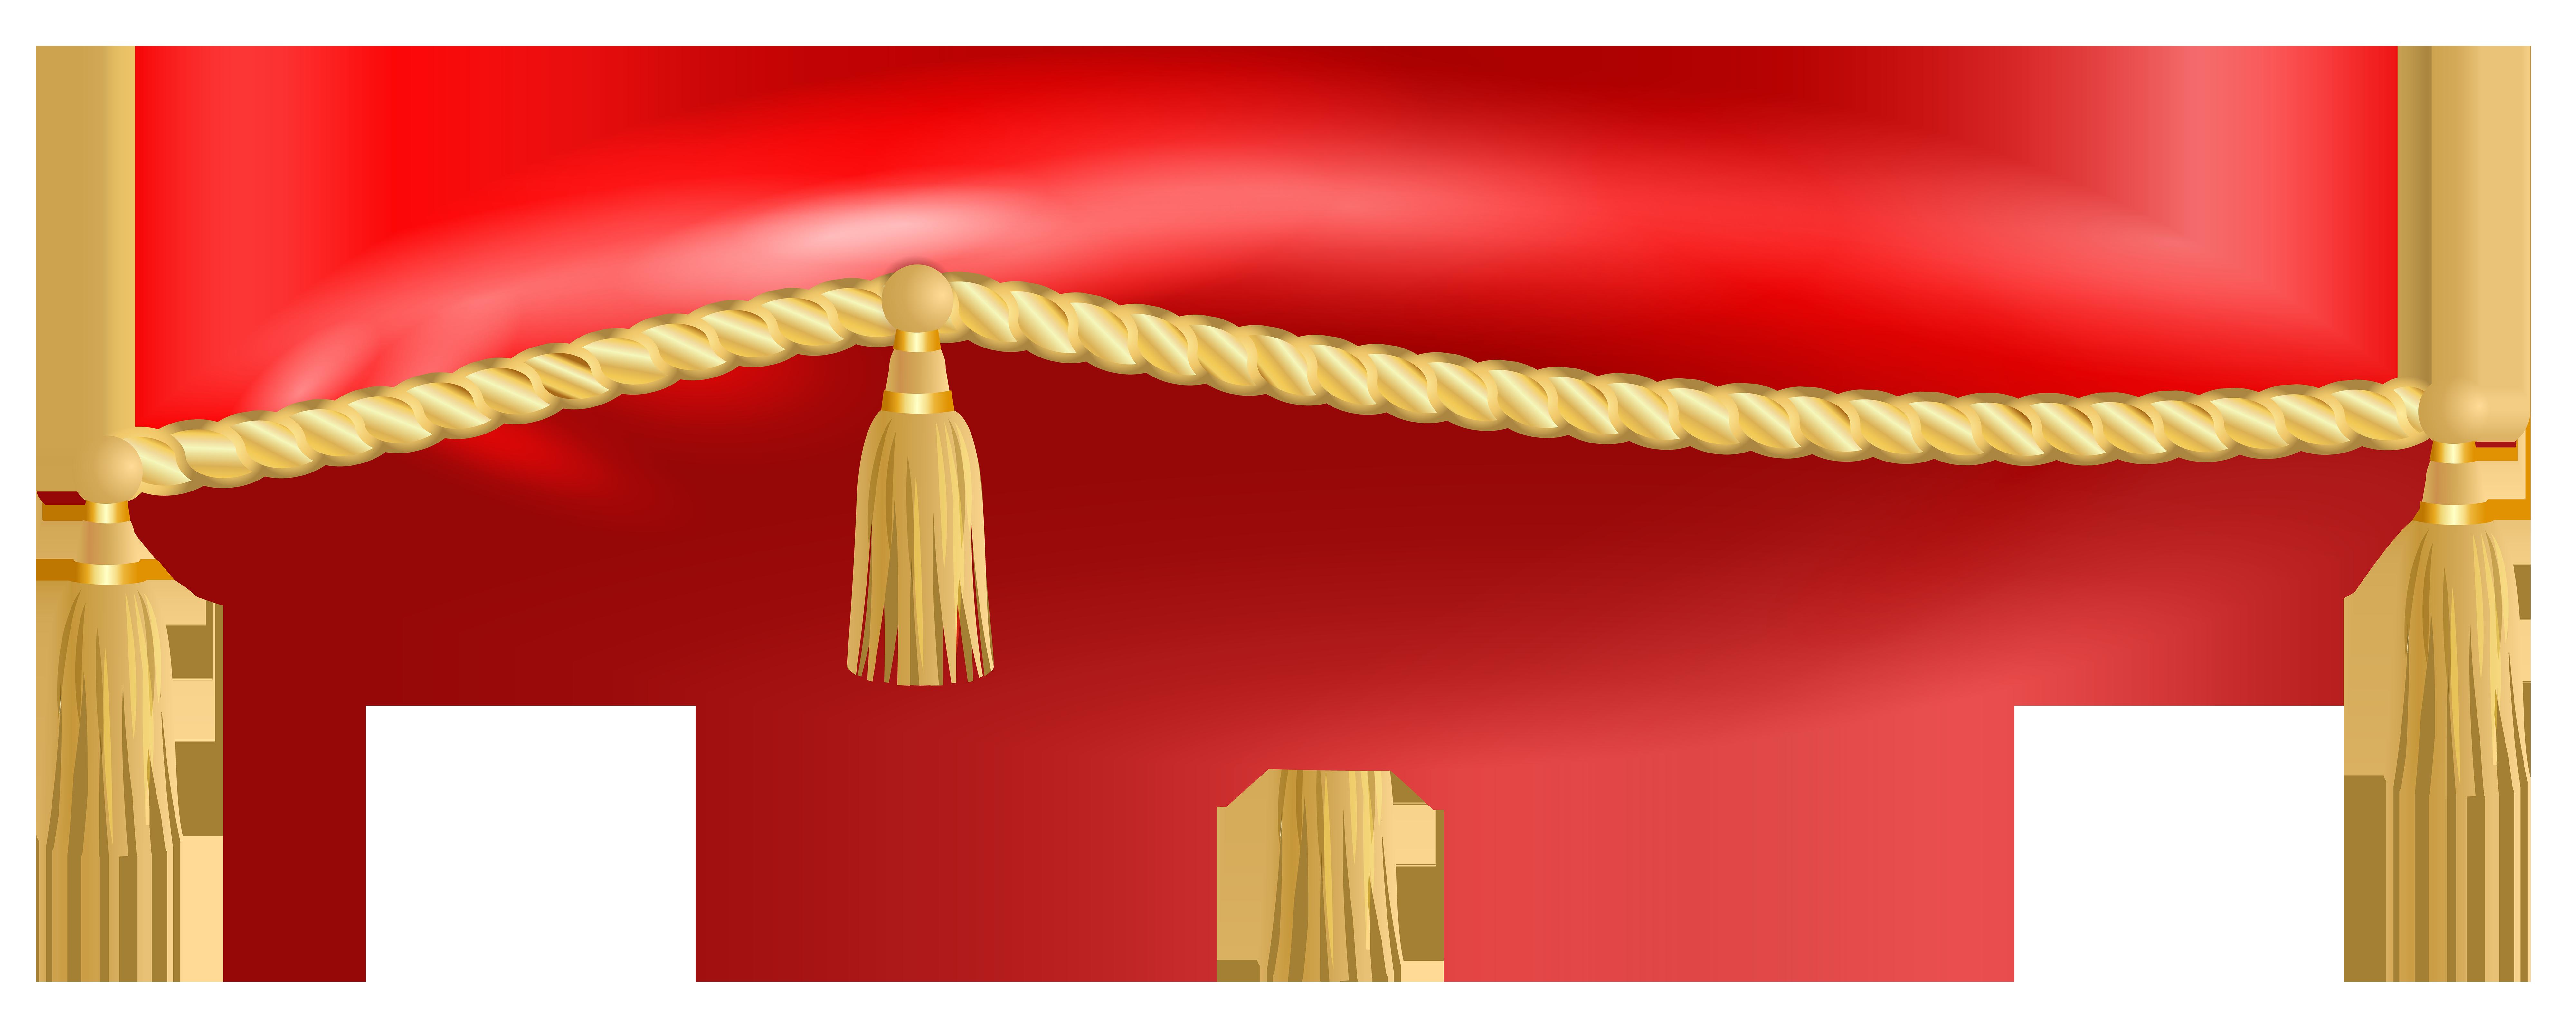 Crowns clipart rainbow. Crown cushion transparent clip